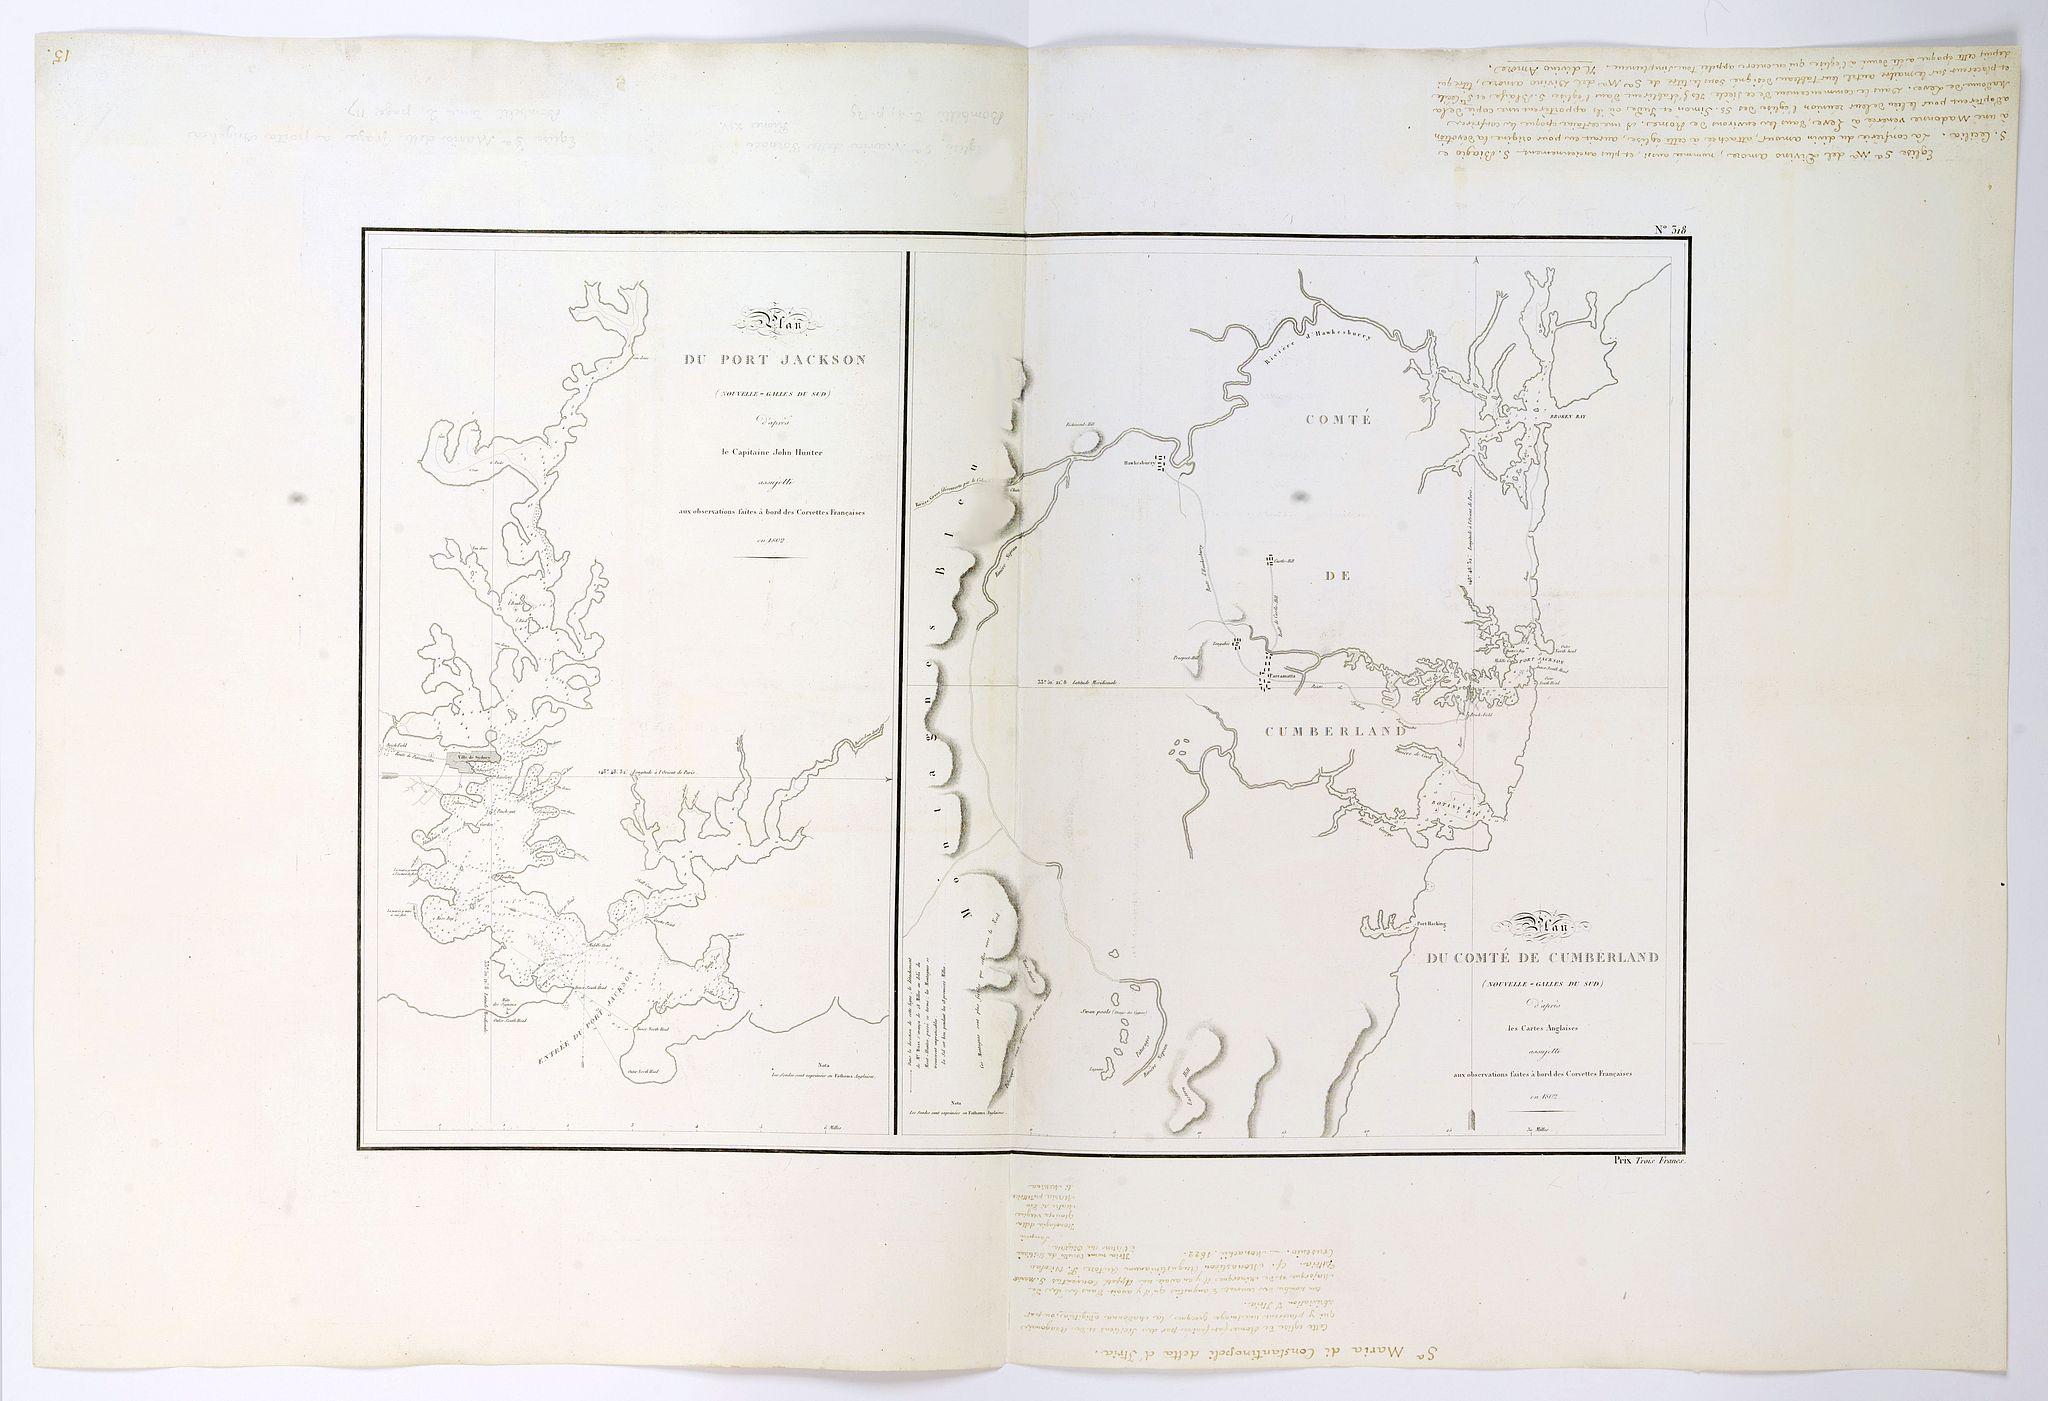 de FREYCINET, L.C.D. / BEAUTEMPS-BEAUPRE, C.-F., -  Plan du Port Jackson / Plan du Comte de Cumberland.